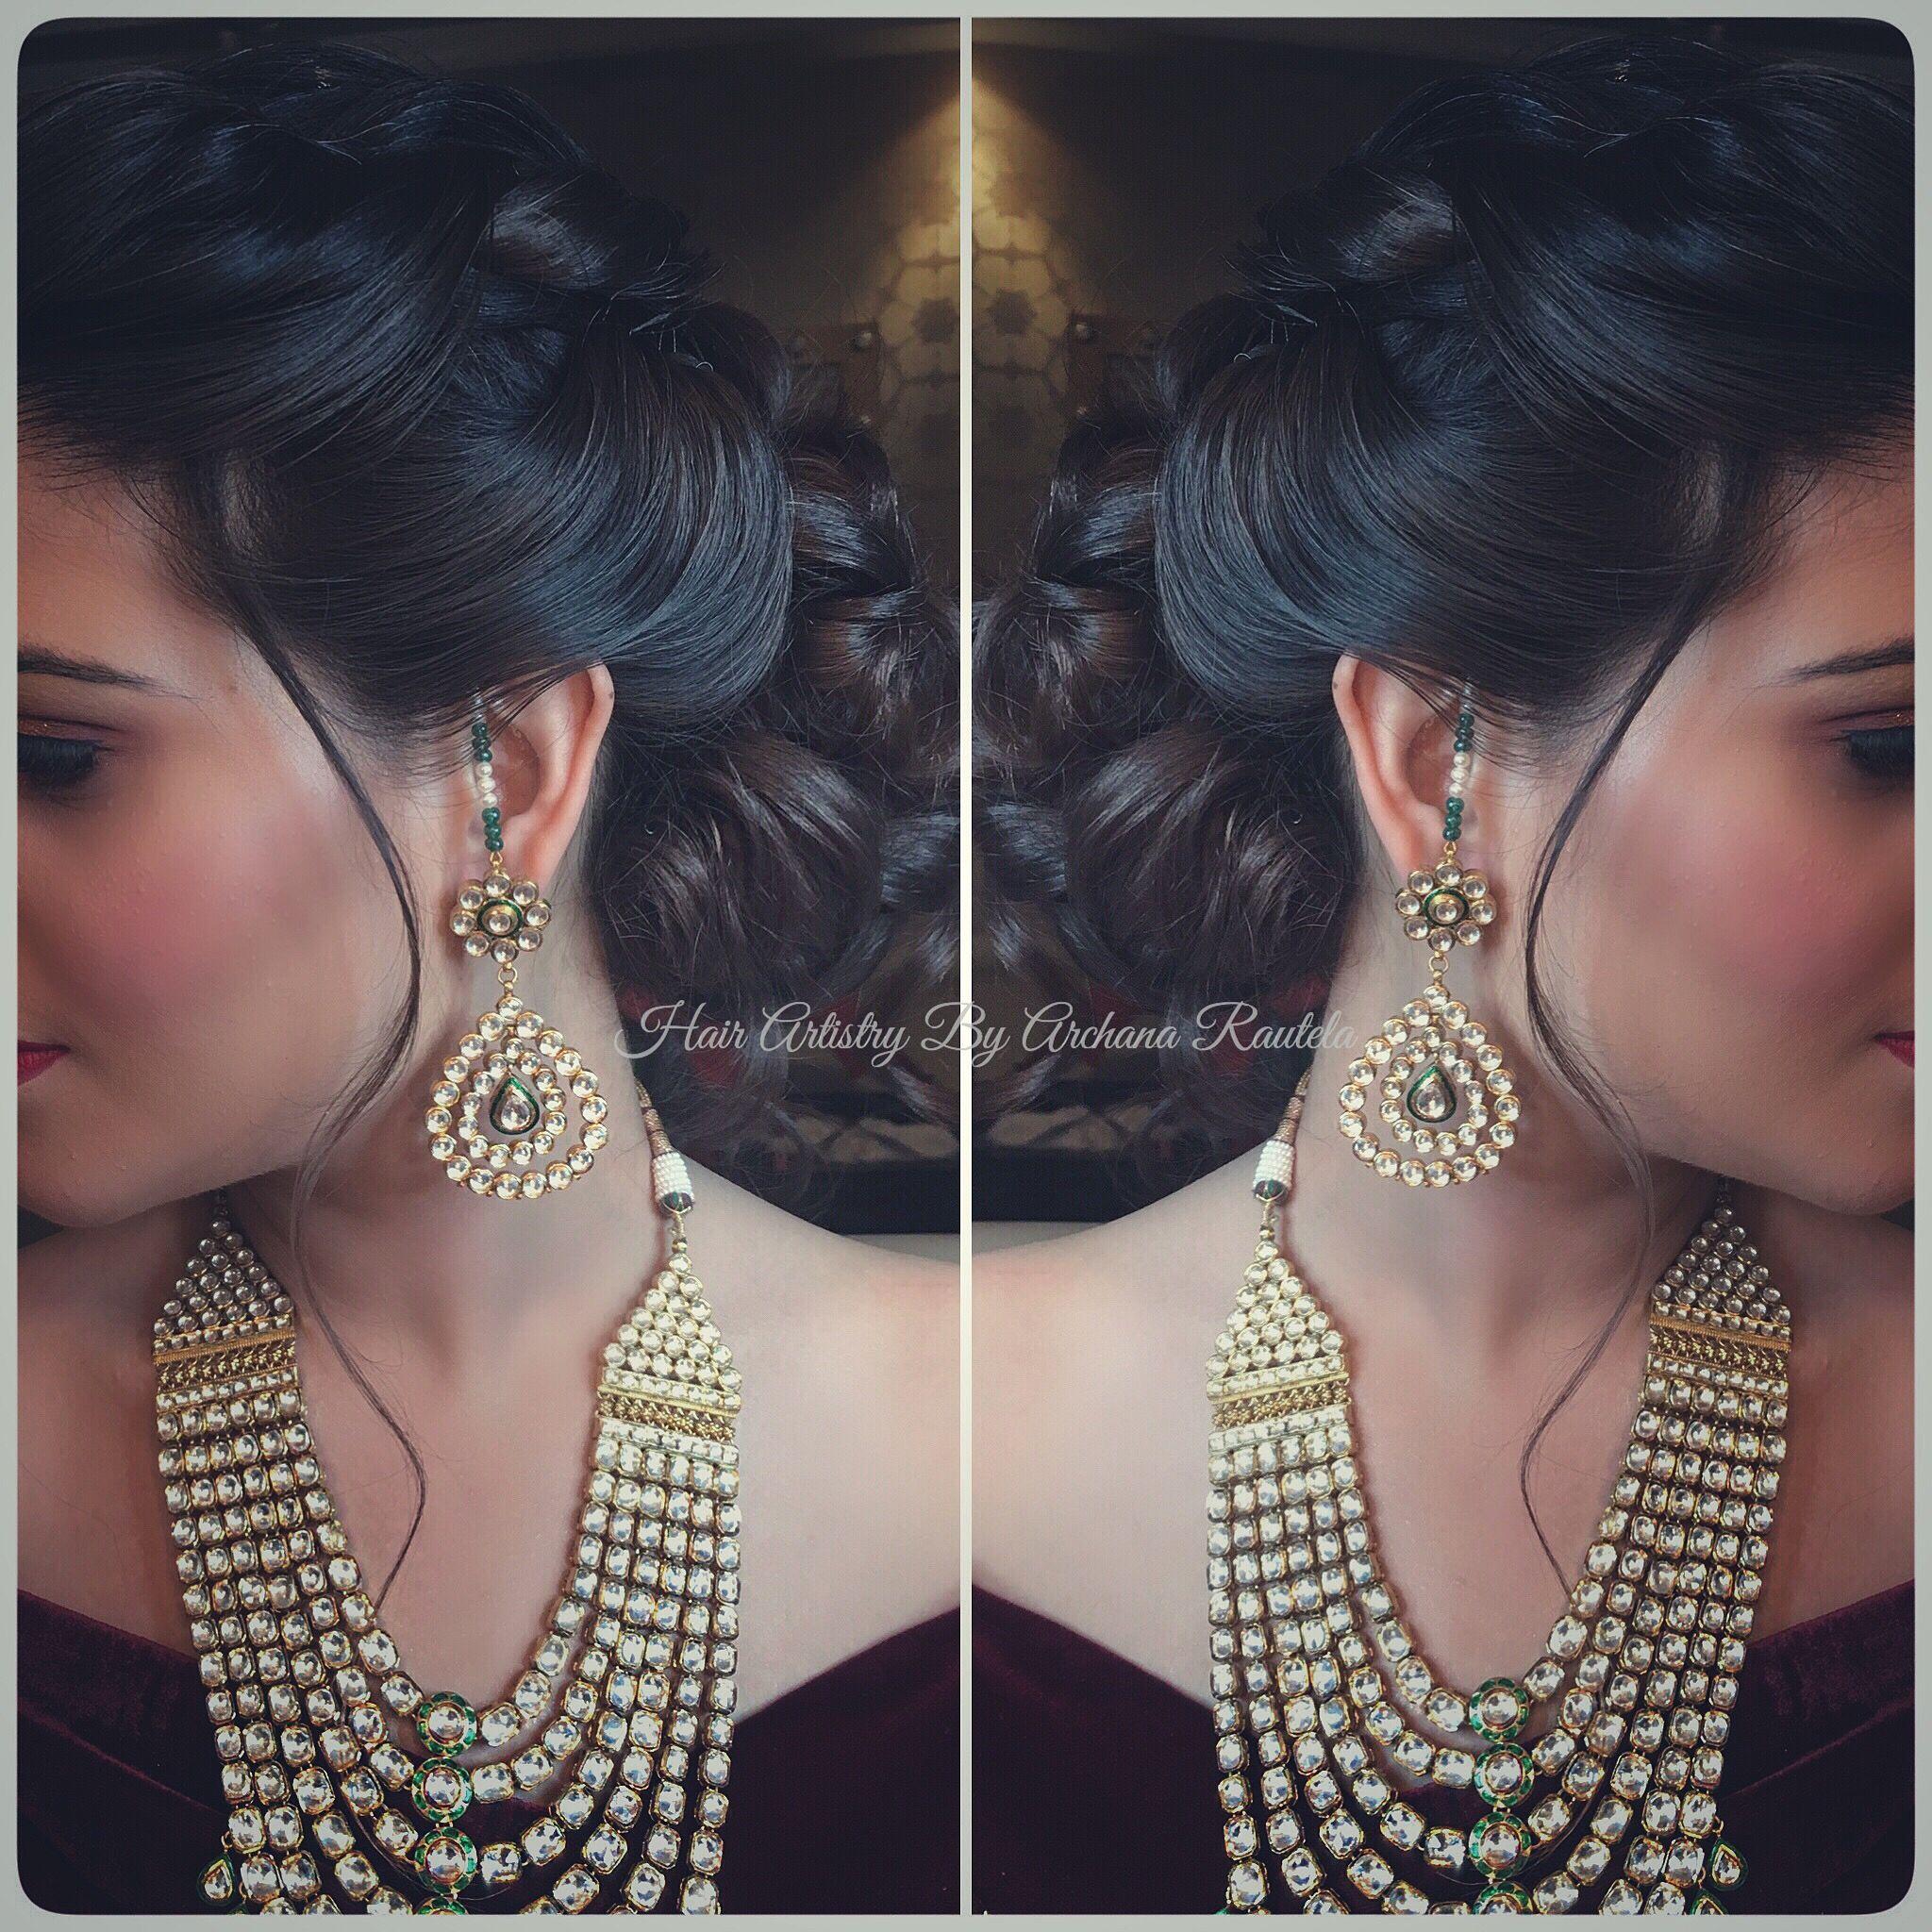 Hair curves hair artistry by archana